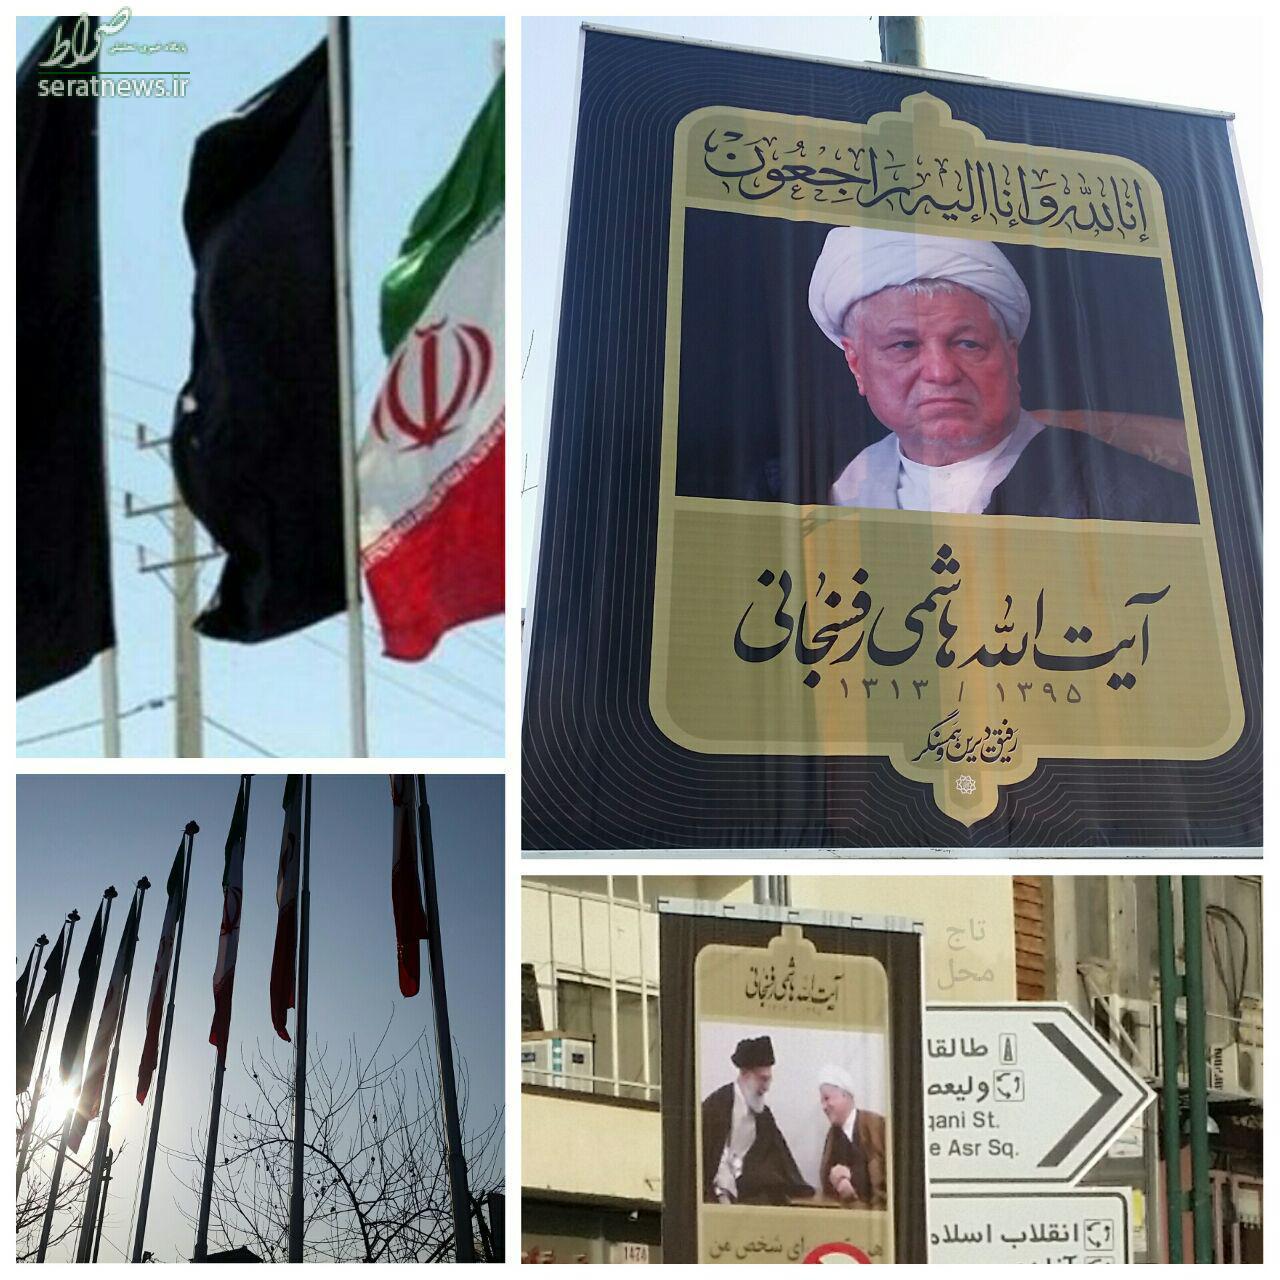 قالیباف دوباره غش کرد!/ سیاست عجیب شهرداری در قبال مرحوم هاشمی/ سیاهپوش کردن تهران پس از حمله بیسابقه رسانهای